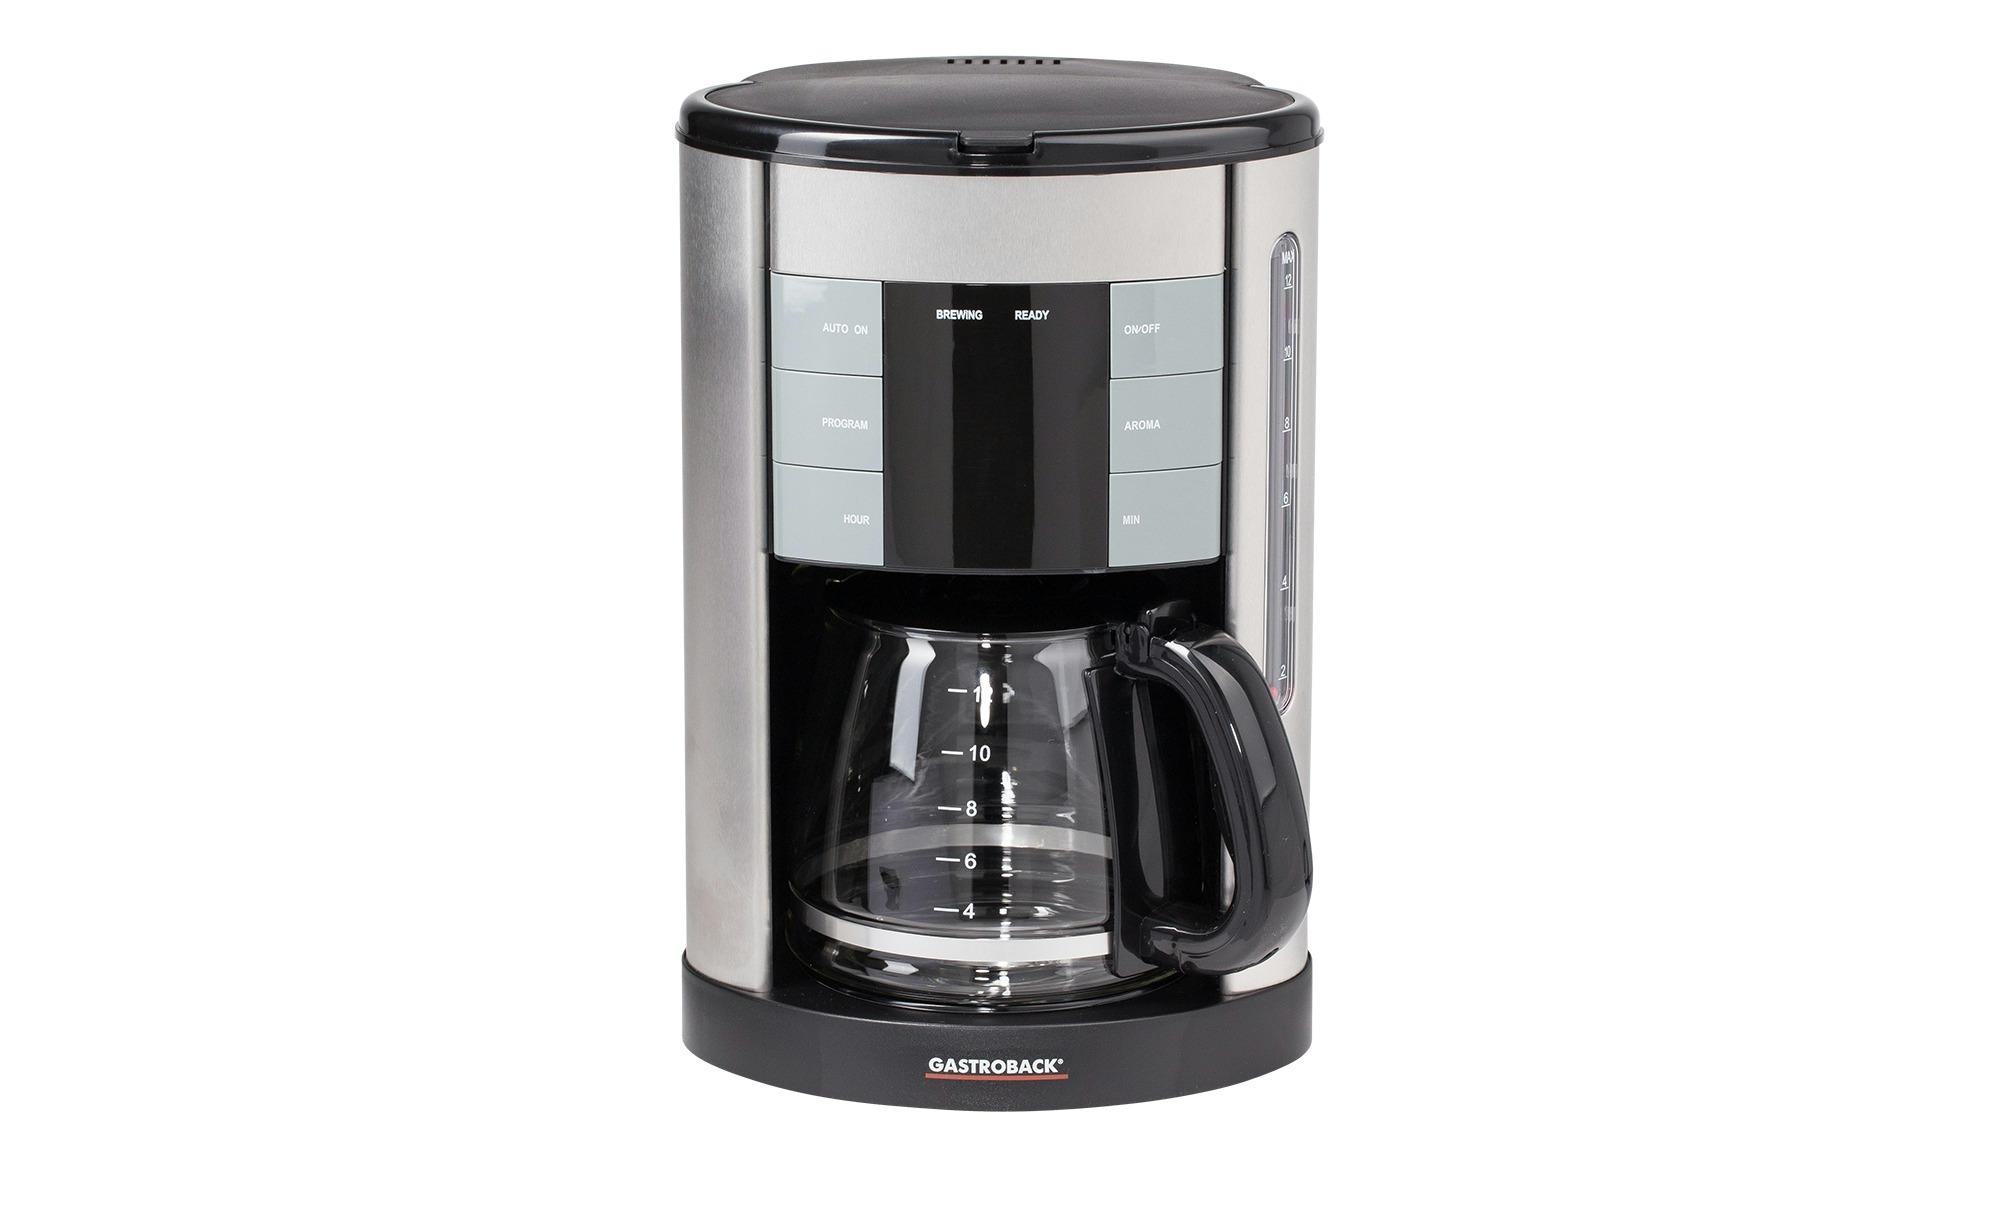 GASTROBACK Kaffeeautomat   42703 - silber - Metall, Glas , Kunststoff - 23,1 cm - 36 cm - 22,2 cm - Elektrokleingeräte > Kaffee & Espressomaschinen - Möbel Kraft | Küche und Esszimmer > Kaffee und Tee > Kaffeemaschinen | Glas | GASTROBACK